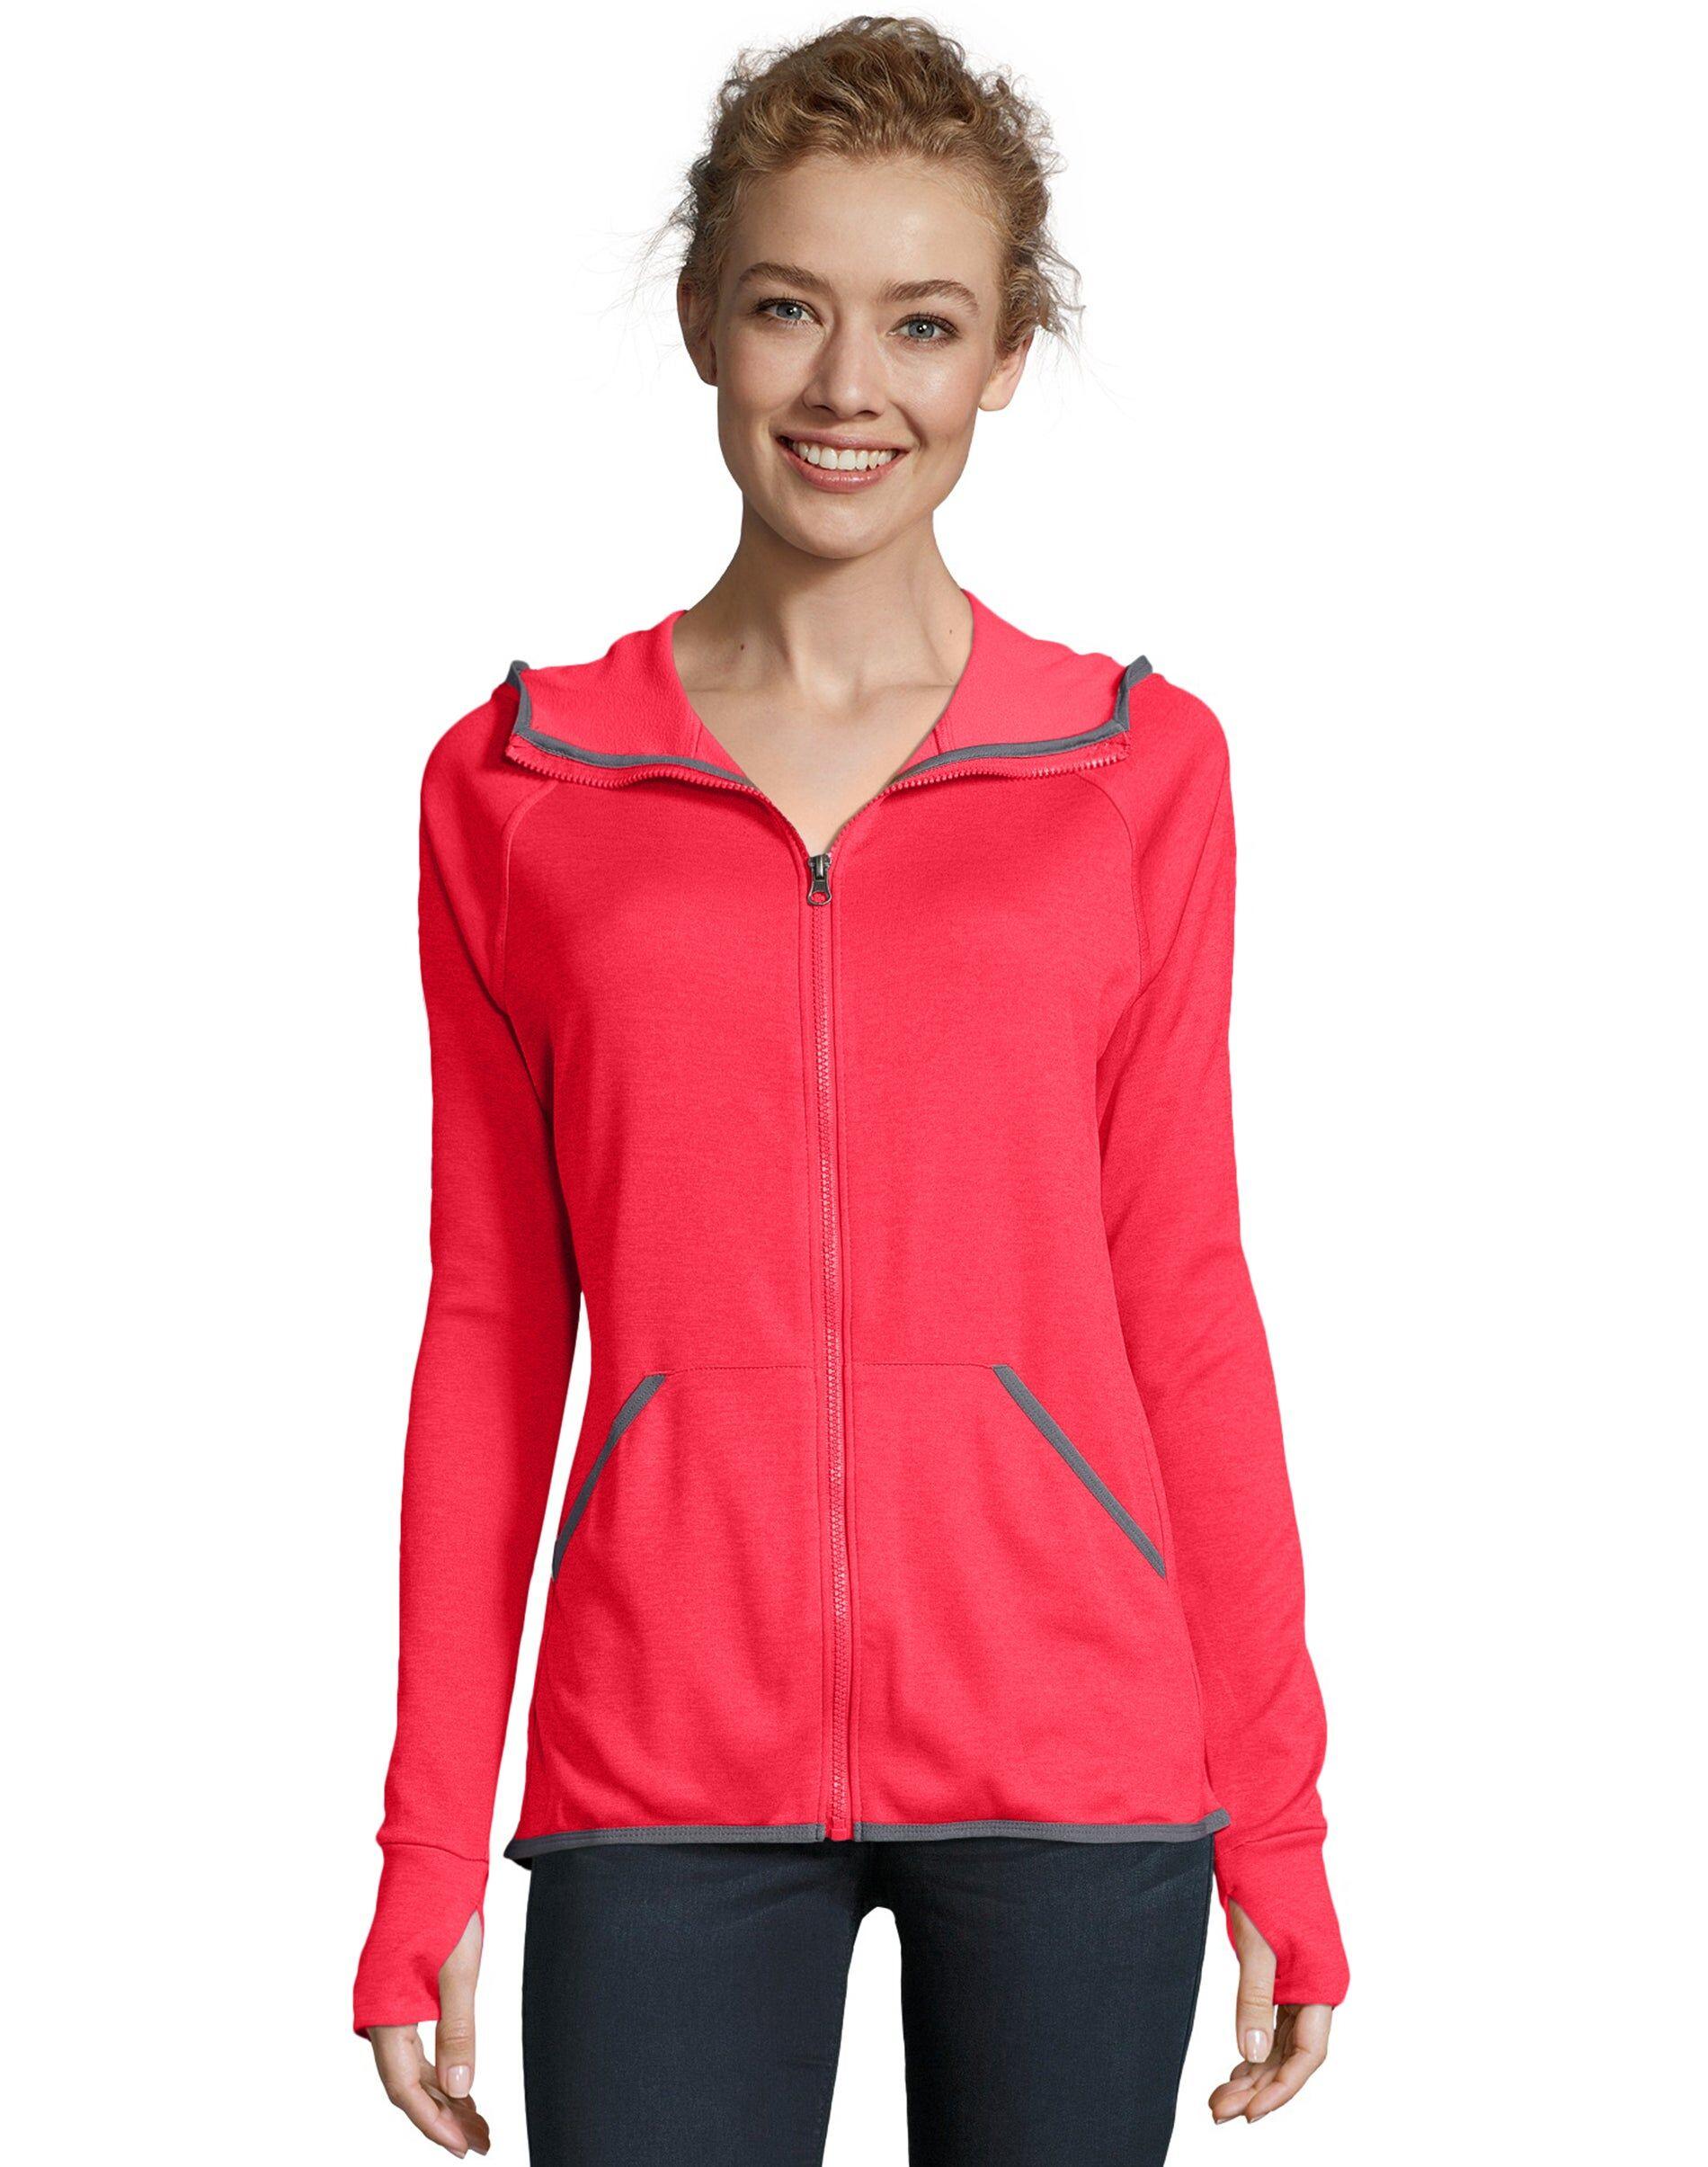 Hanes Sport Women's Performance Fleece Zip Up Hoodie Razzle Pink Heather XL